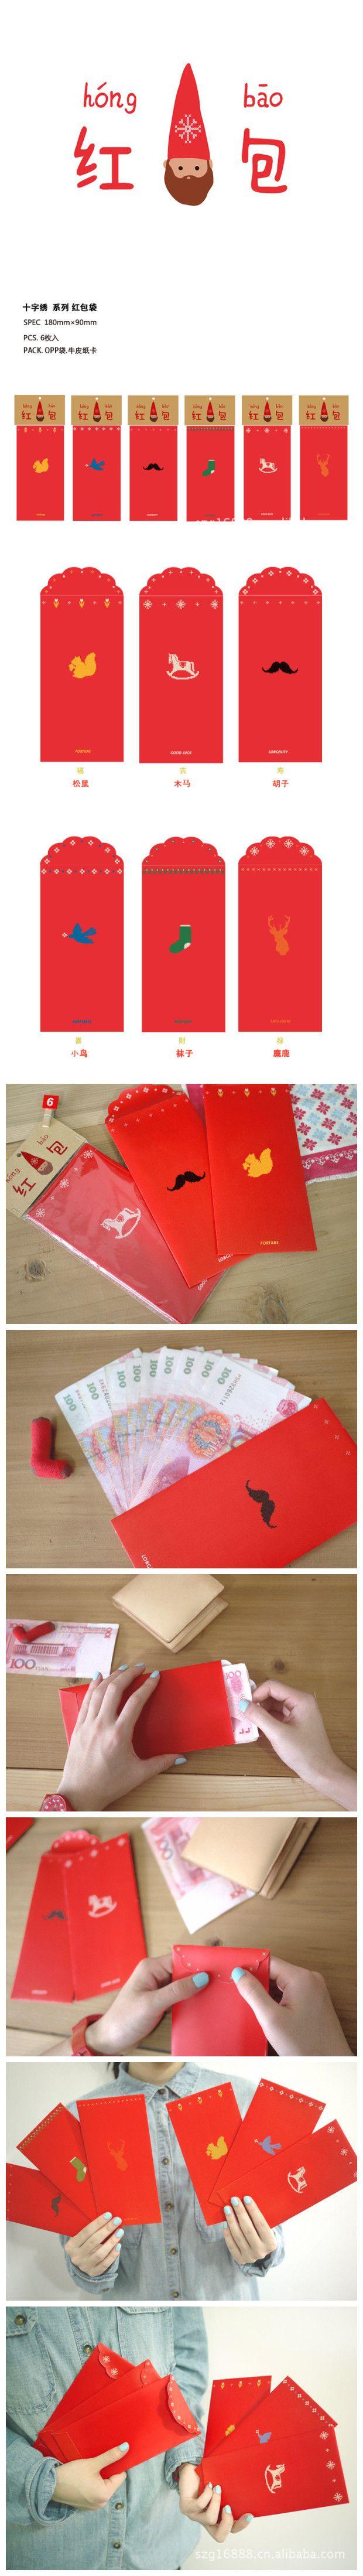 暖。創意新年 紅包 利是封 禮金袋 十字繡系列 過年婚慶生日6個-淘寶網